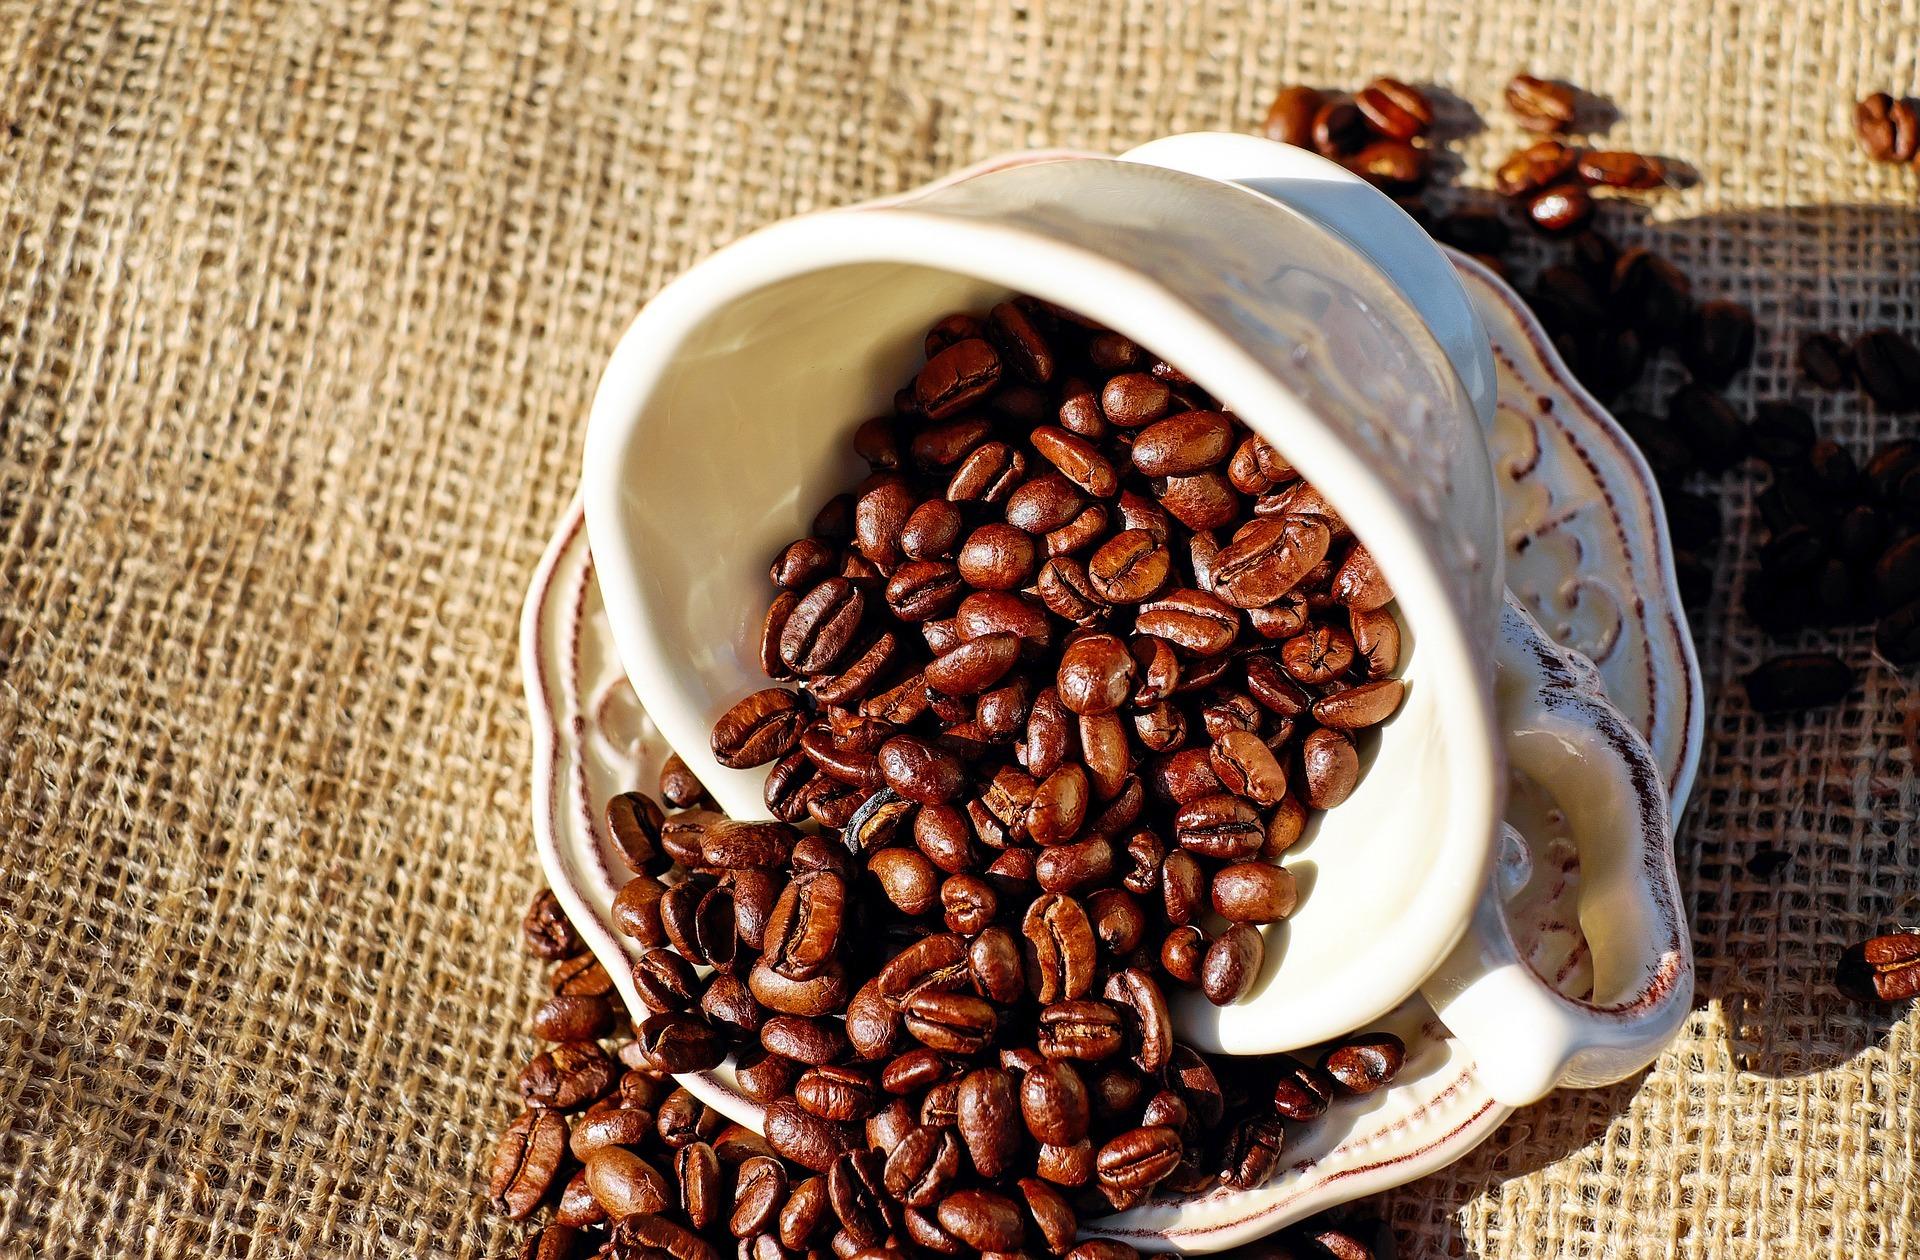 連鎖咖啡店之爭,看瑞幸與星巴克的咖啡零售之戰